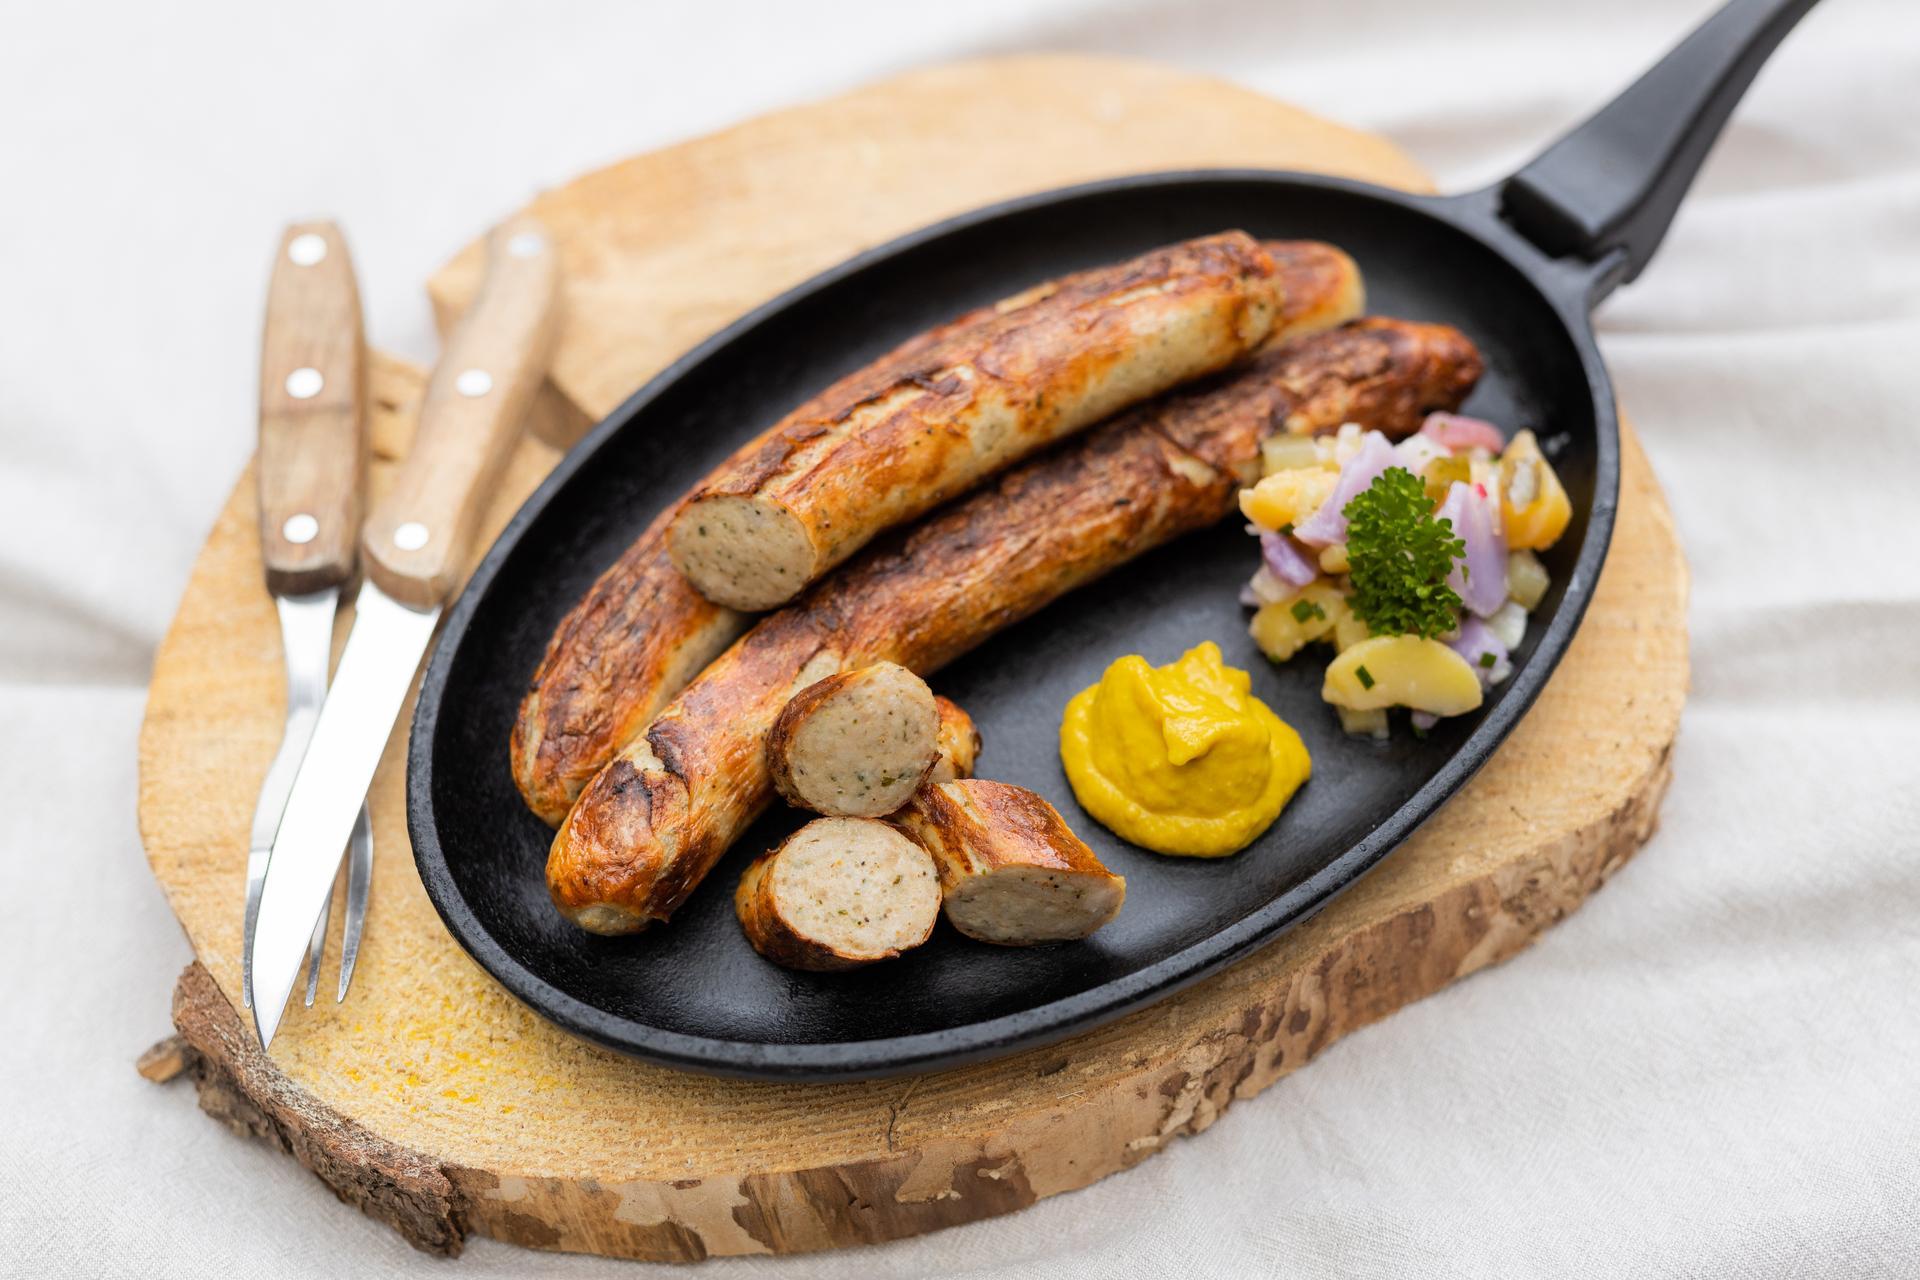 Gebratene Original Thüringer Rostbratwurst in der Pfanne auf einem Brett. In der Pfanne Senf und Salatbeilage. Neben der Pfanne Besteck.